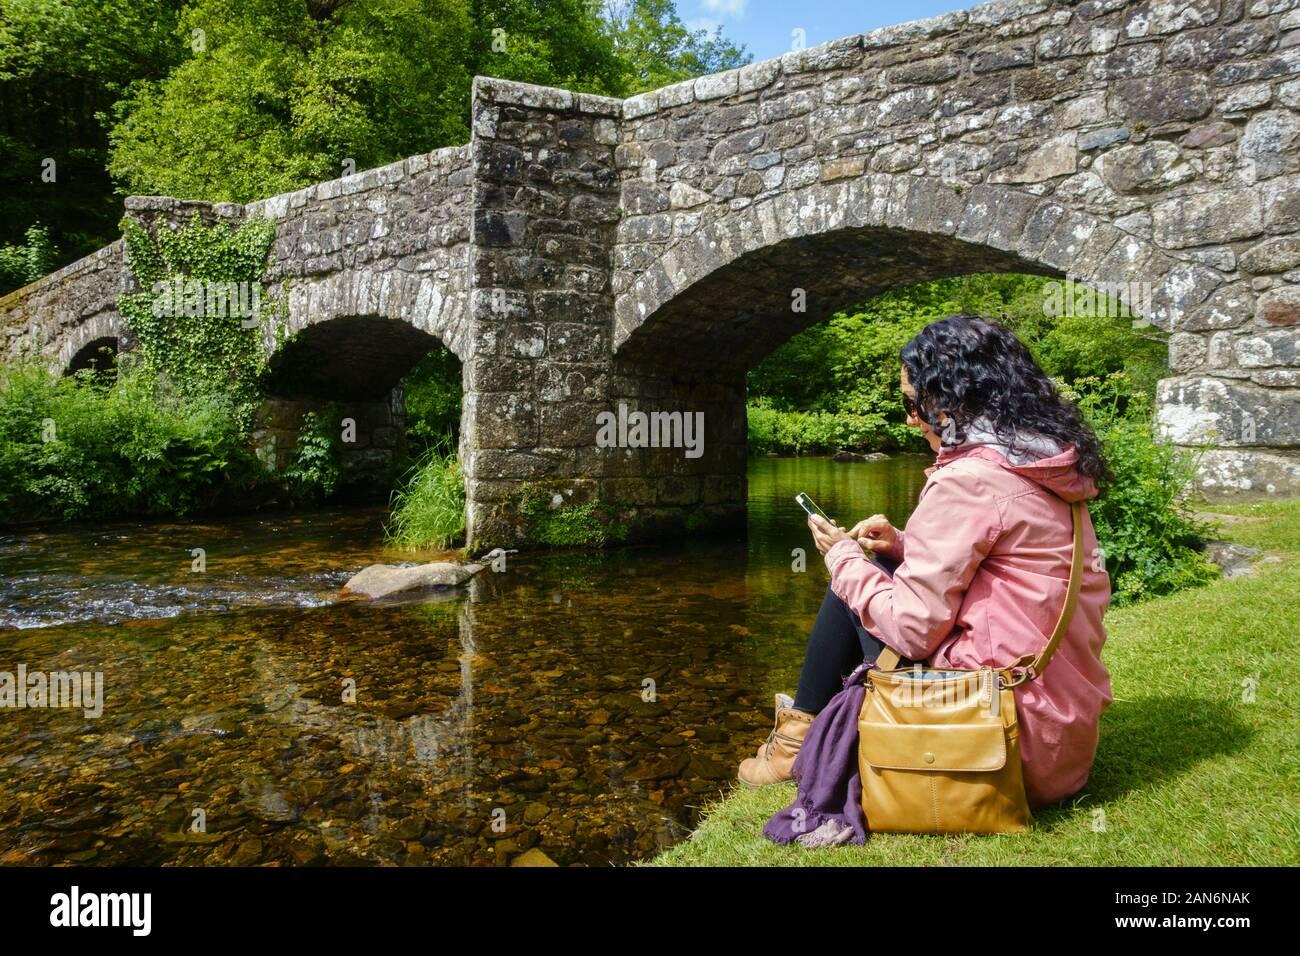 Una morena mujer blanca usando su teléfono móvil mientras está sentado por un río y antiguo puente de piedra. Siempre conectado concepto. Foto de stock